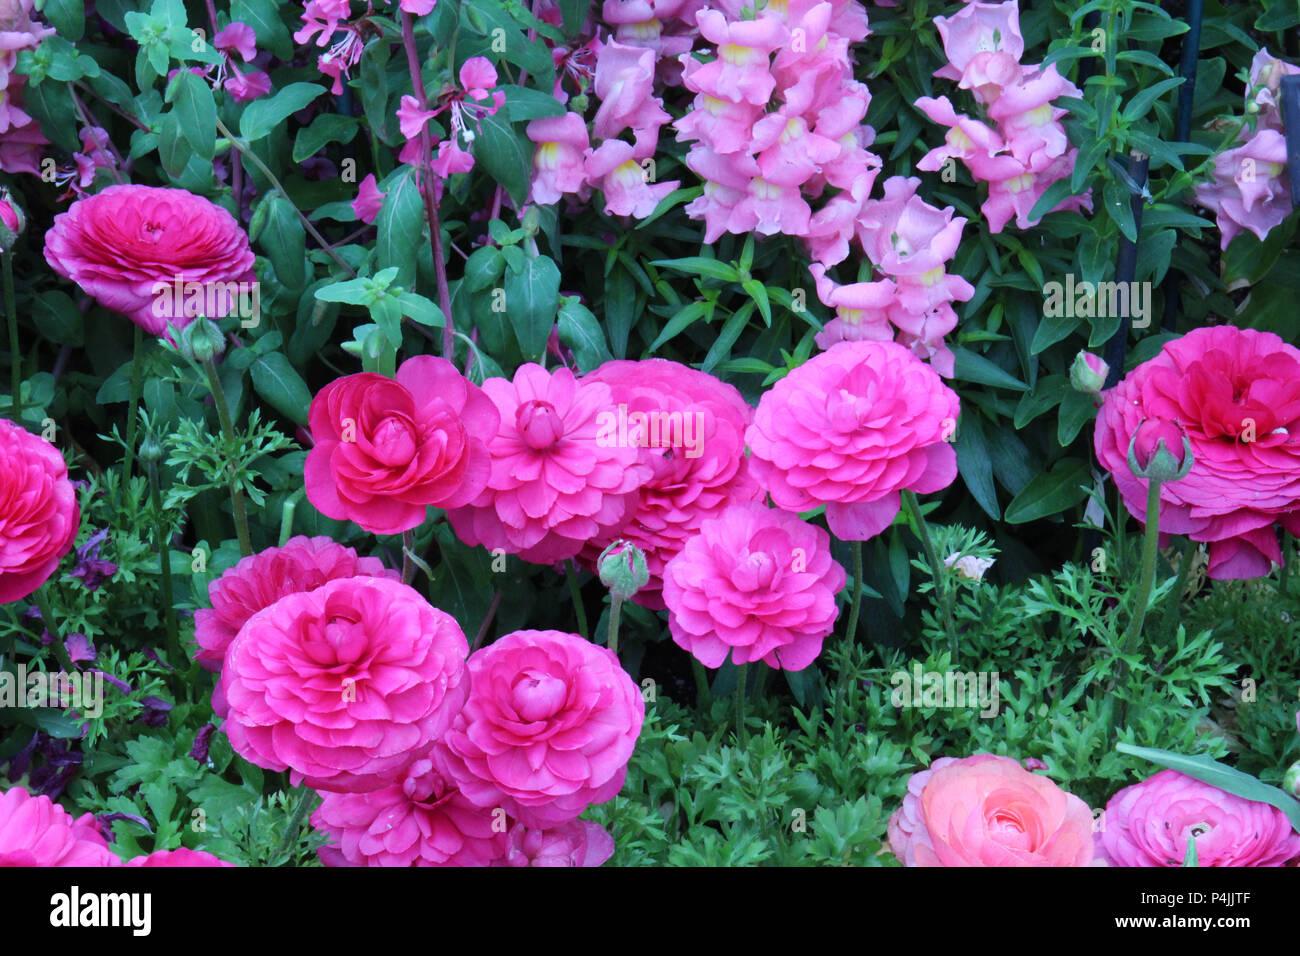 Rosa y melocotón ranúnculos y rosa dragones crecen en un lecho de flores en la primavera Foto de stock